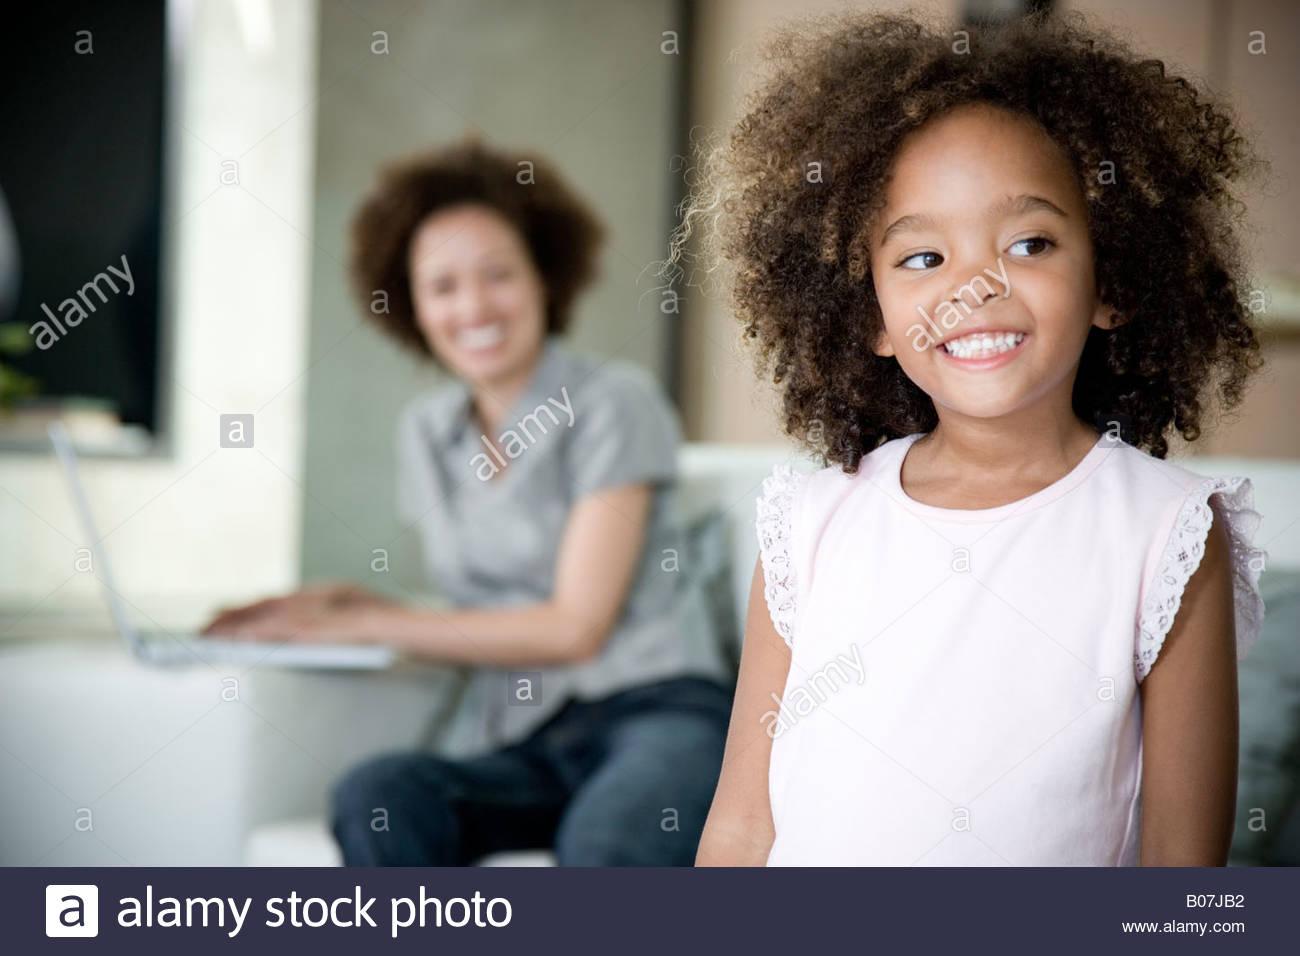 Petite fille à l'accueil souriant, tandis que sa mère travaille sur un ordinateur portable à Photo Stock